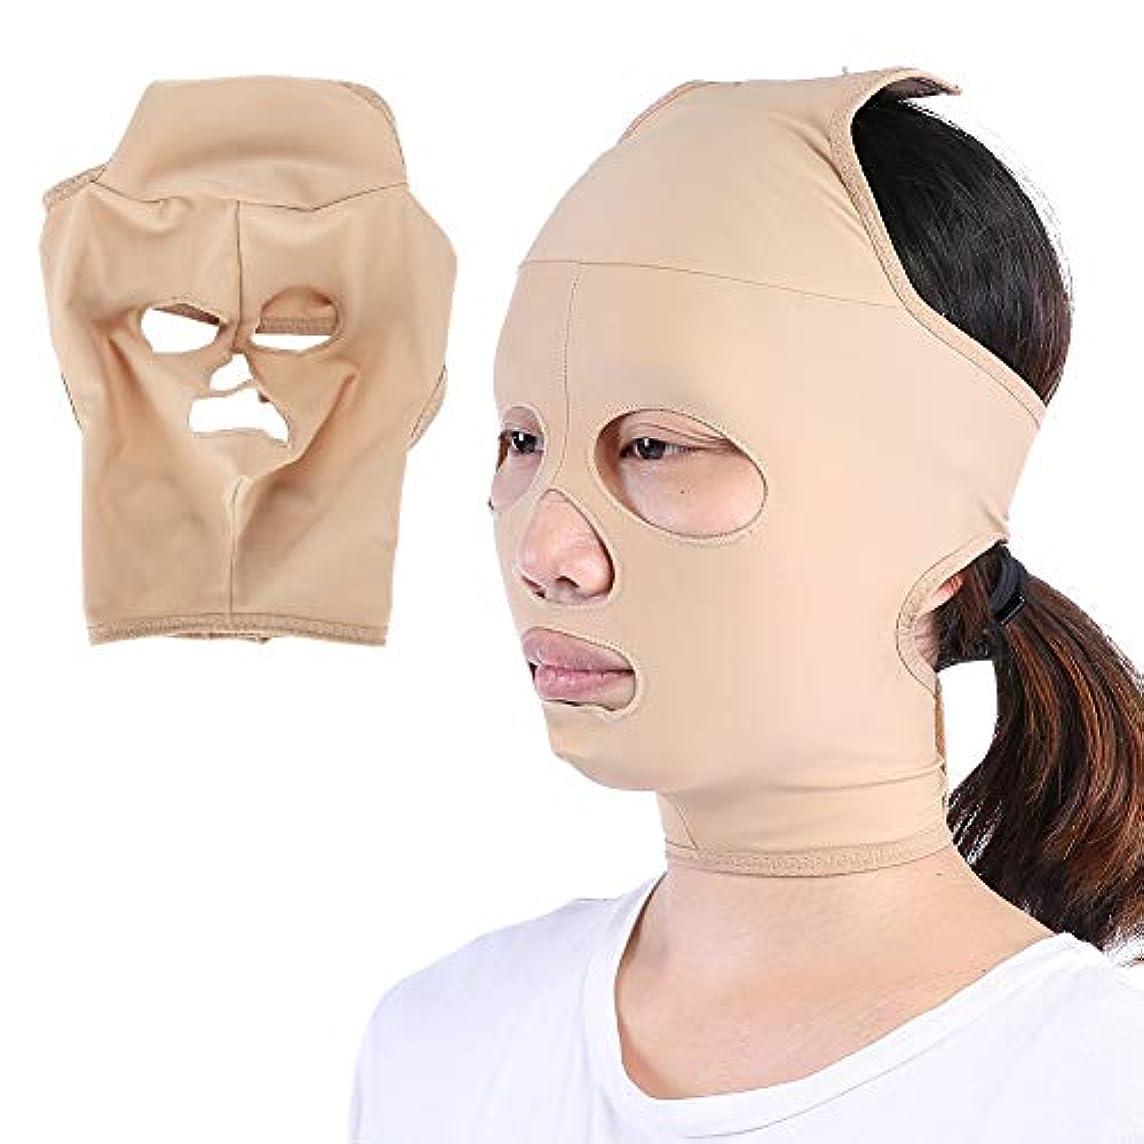 職業誓いトランスミッション顔の减量のベルト、完全なカバレッジ 顔のVラインを向上させる 二重顎を減らす二重顎、スキンケア包帯(XL)